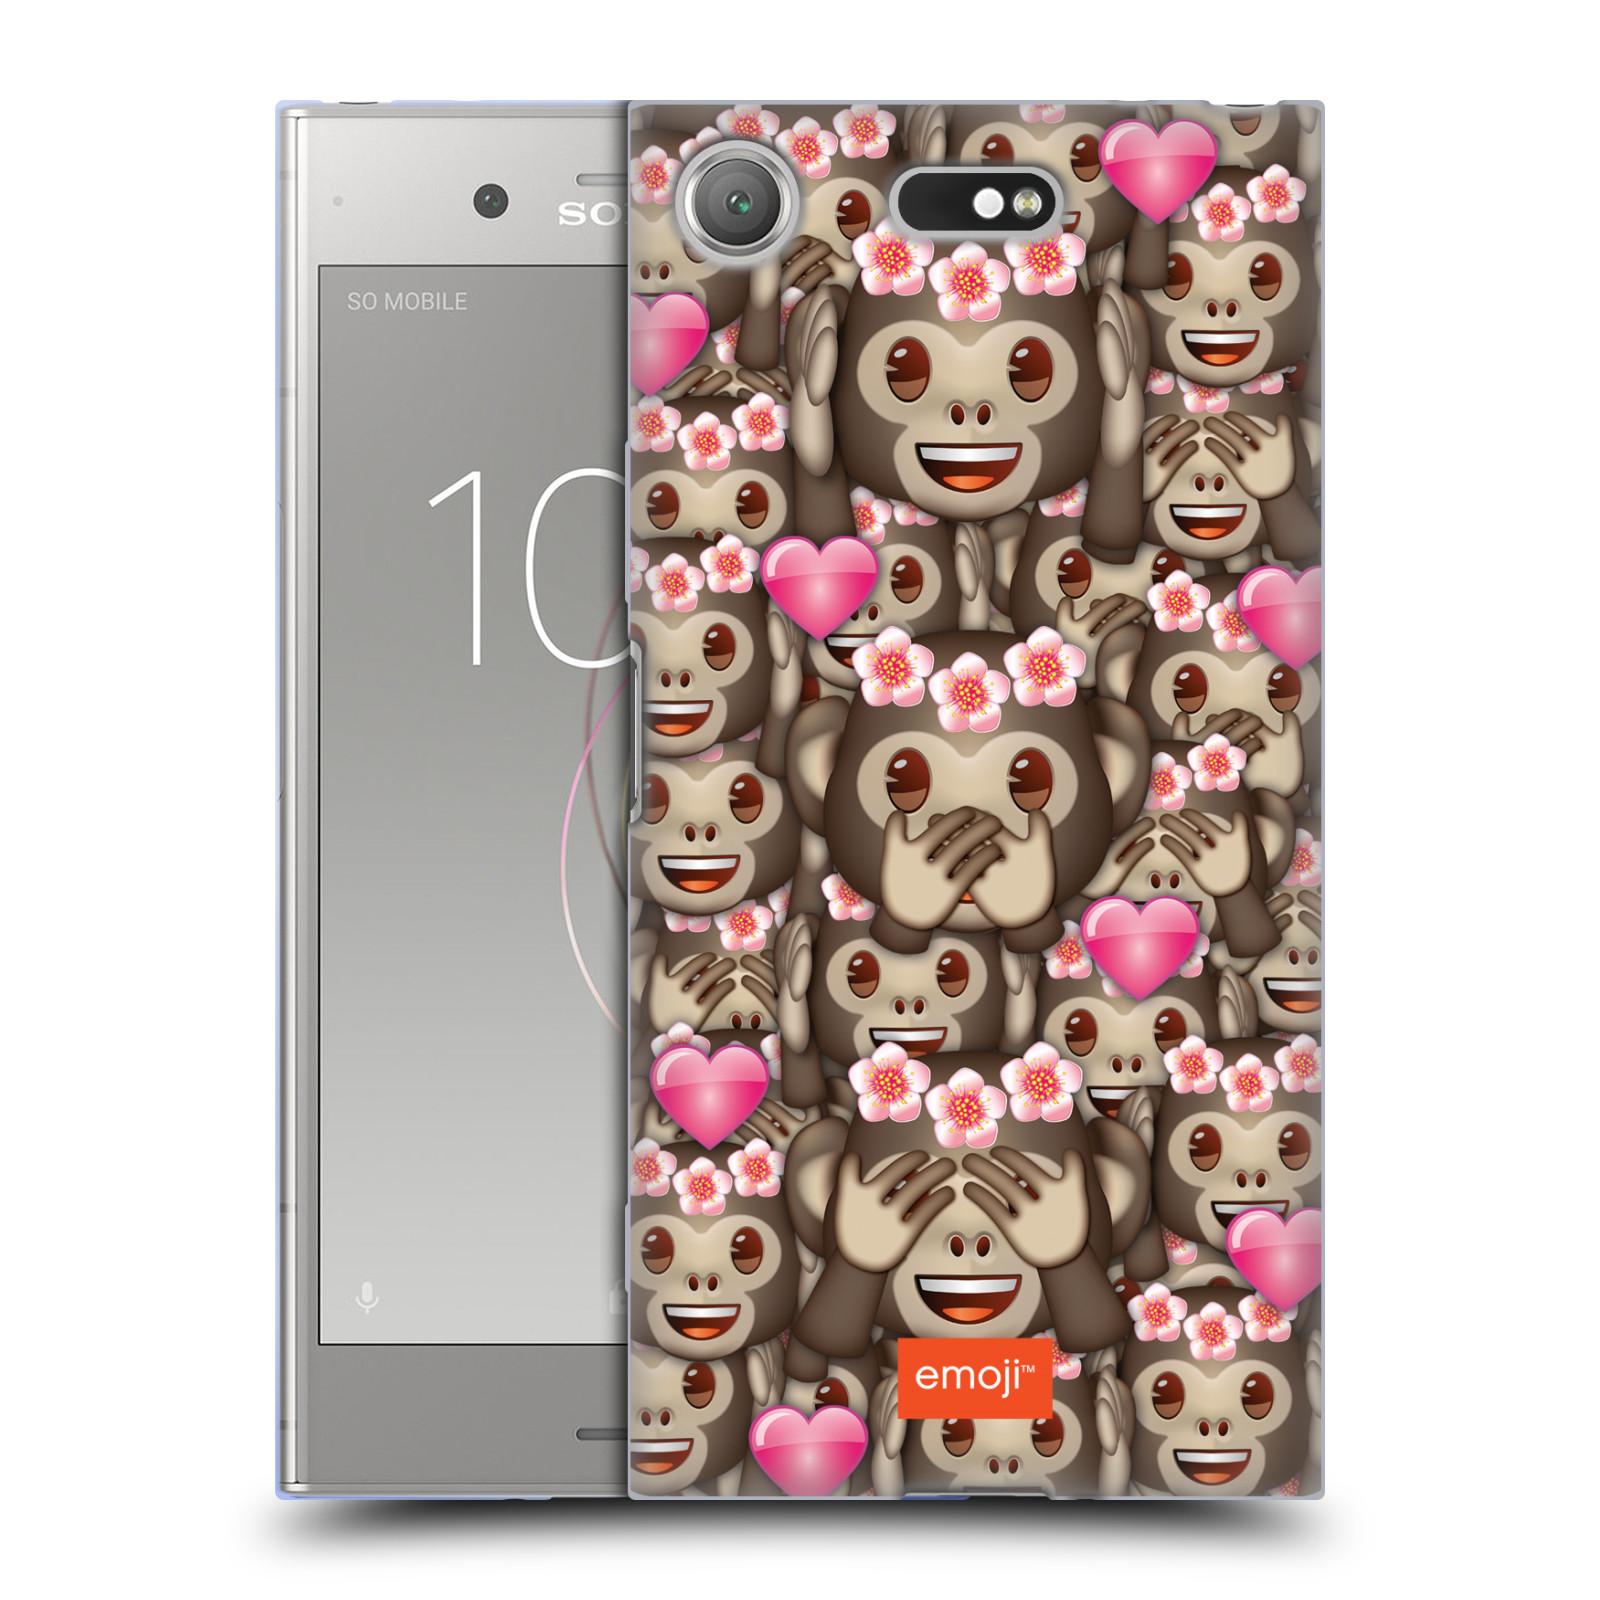 Silikonové pouzdro na mobil Sony Xperia XZ1 Compact - Head Case - EMOJI - Opičky, srdíčka a kytičky